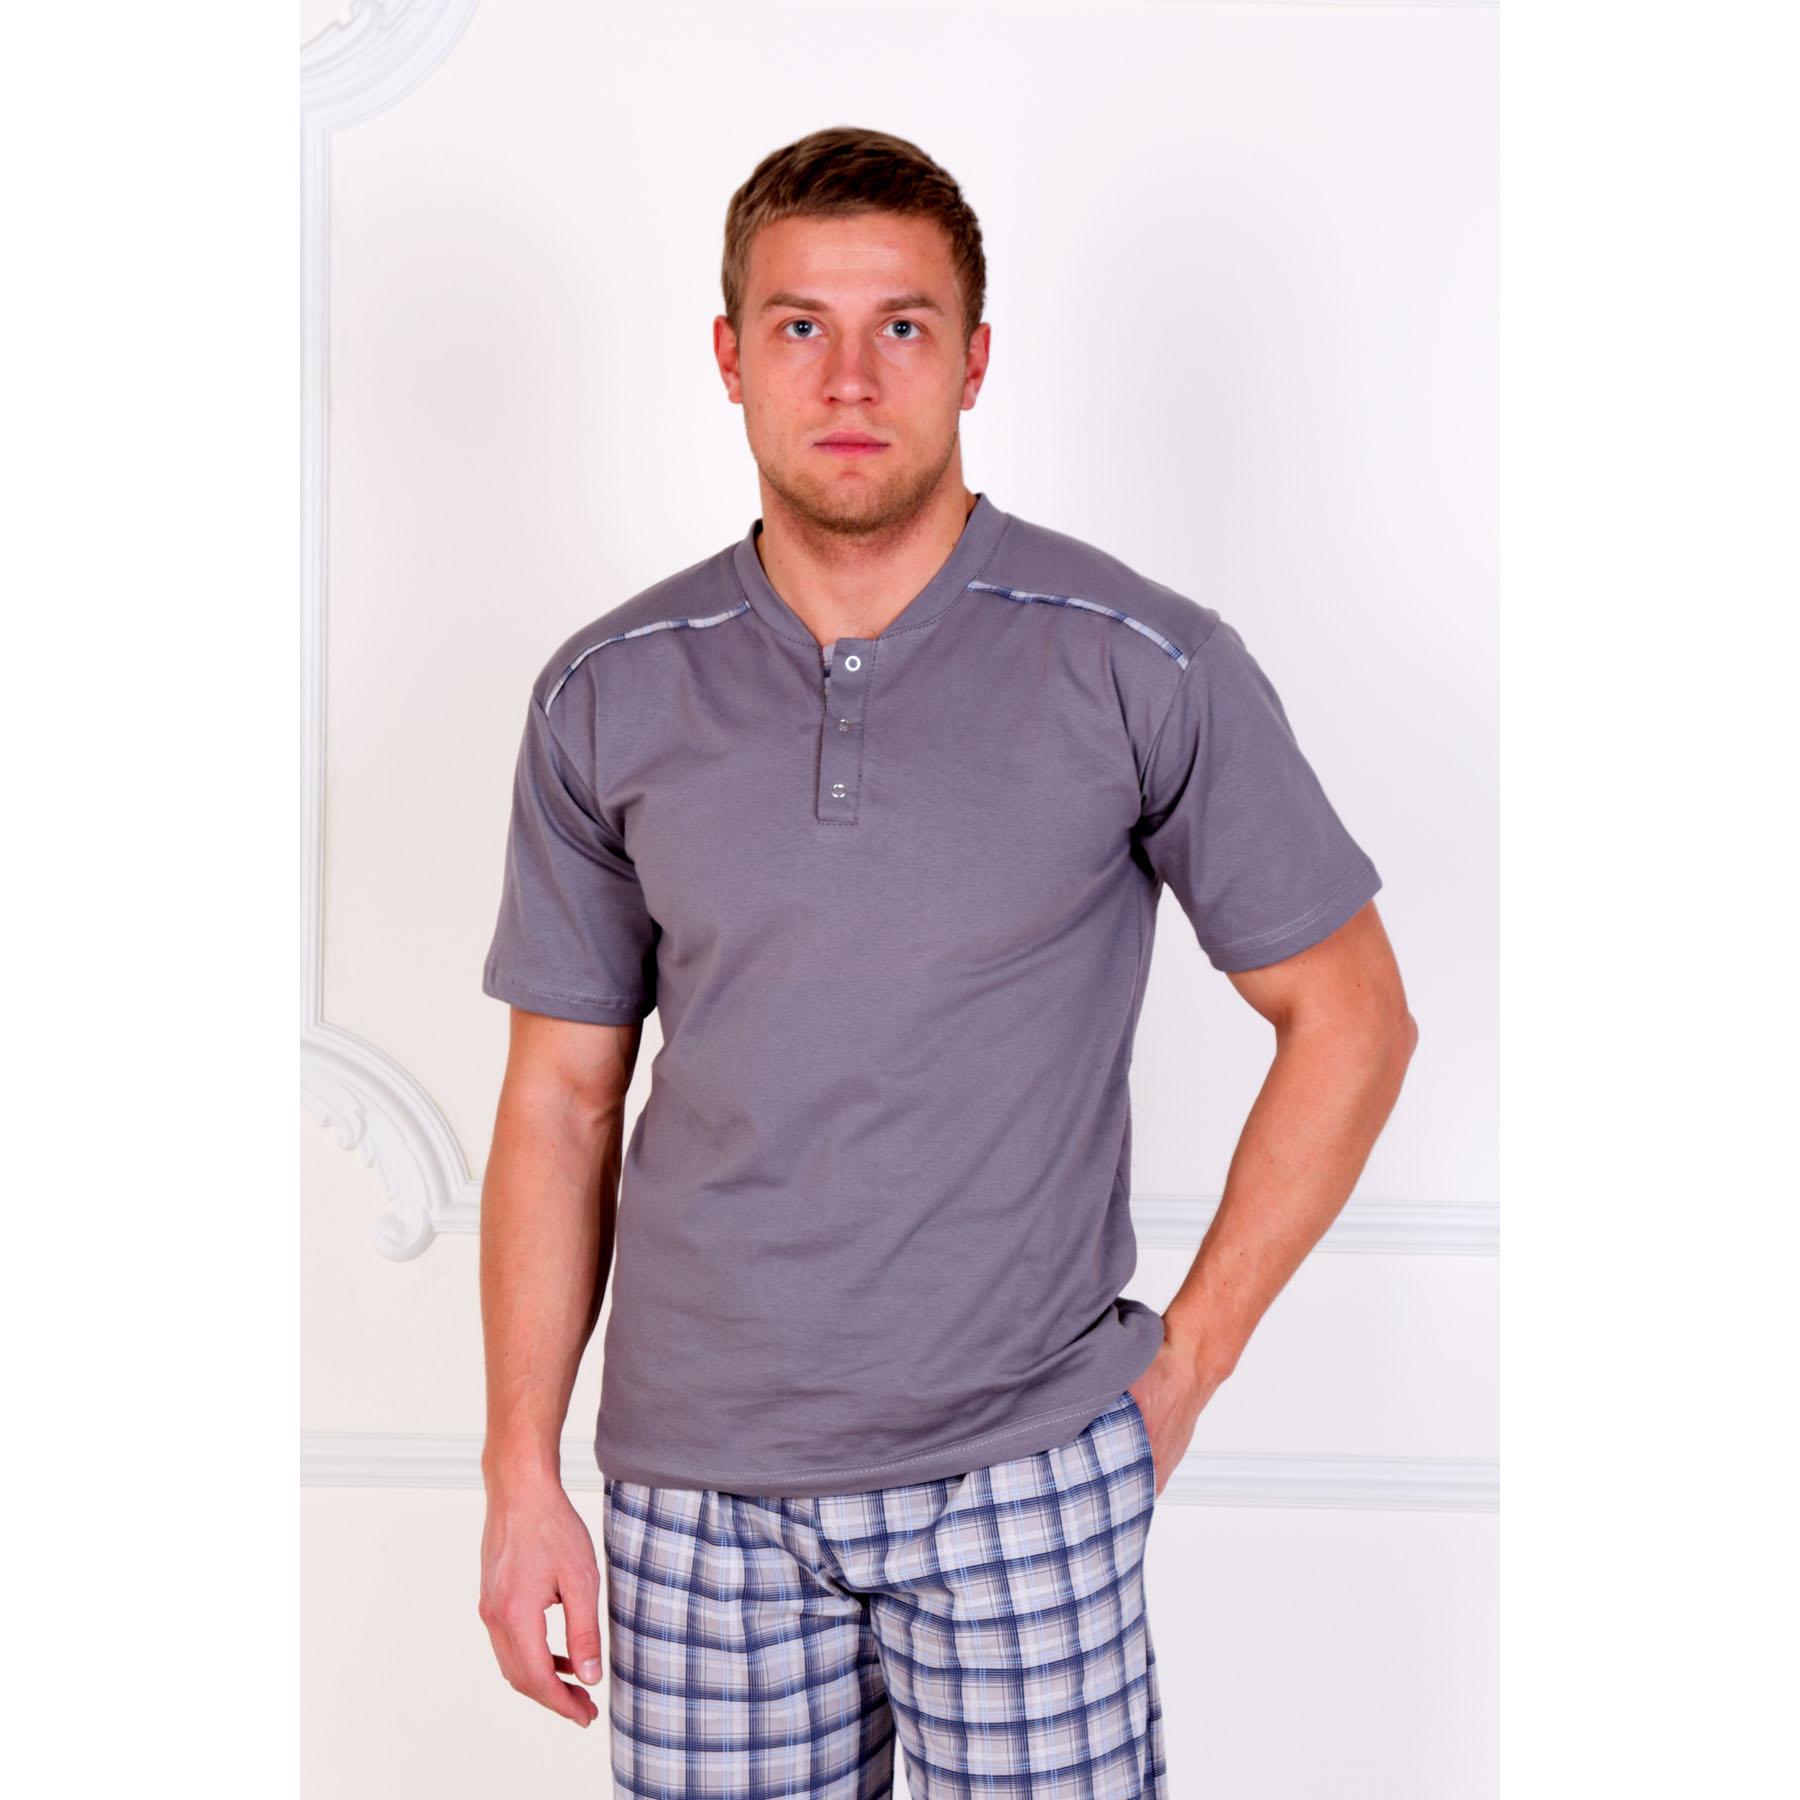 Мужской костюм Клетка Серый, размер 48Костюмы<br>Обхват груди:96 см<br>Обхват талии:88 см<br>Обхват бедер:102 см<br>Рост:172-180 см<br><br>Тип: Муж. костюм<br>Размер: 48<br>Материал: Кулирка